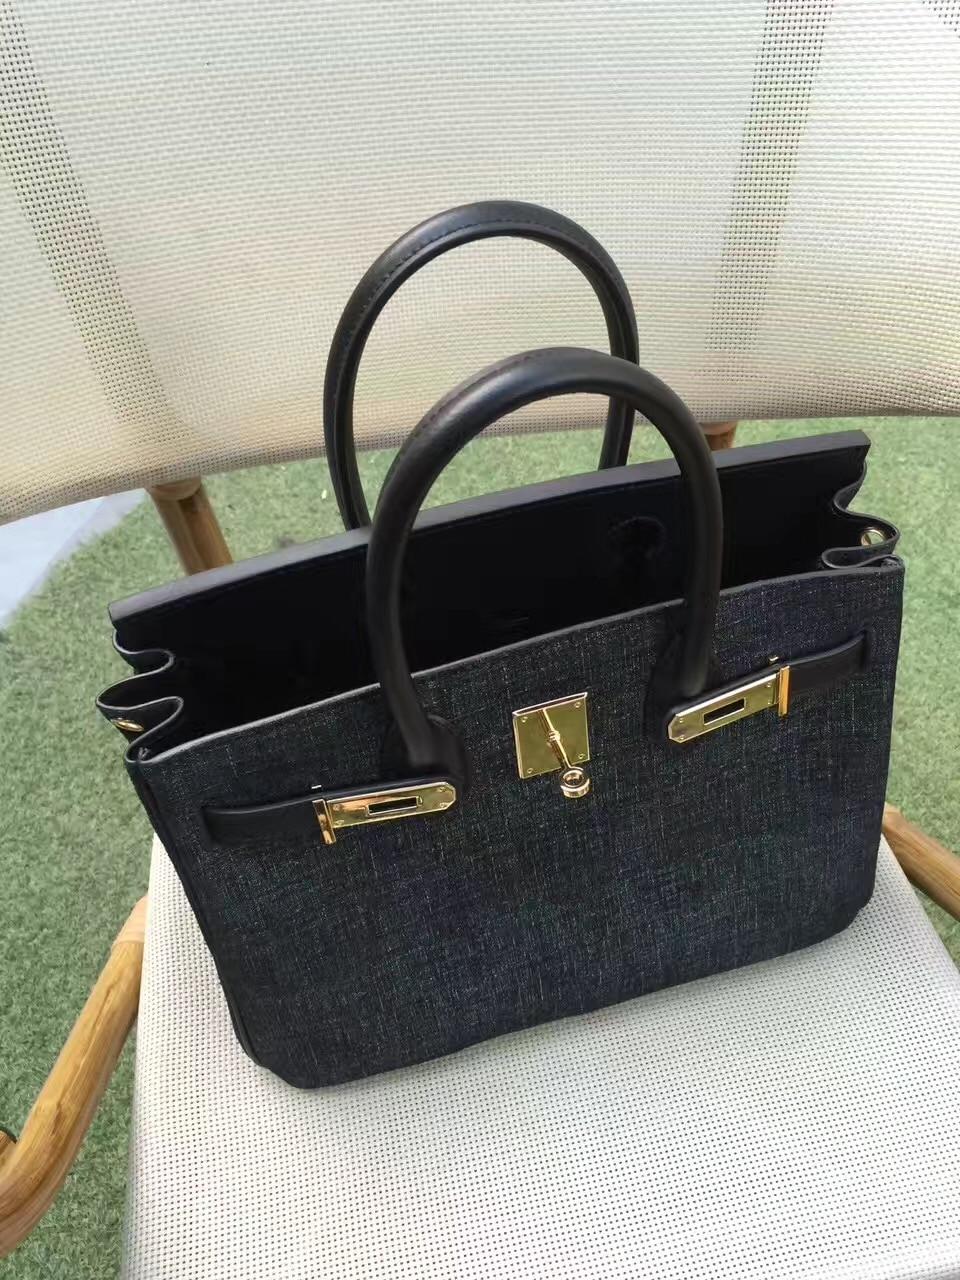 2017 ძვირადღირებული suede Handbag - ჩანთები - ფოტო 2